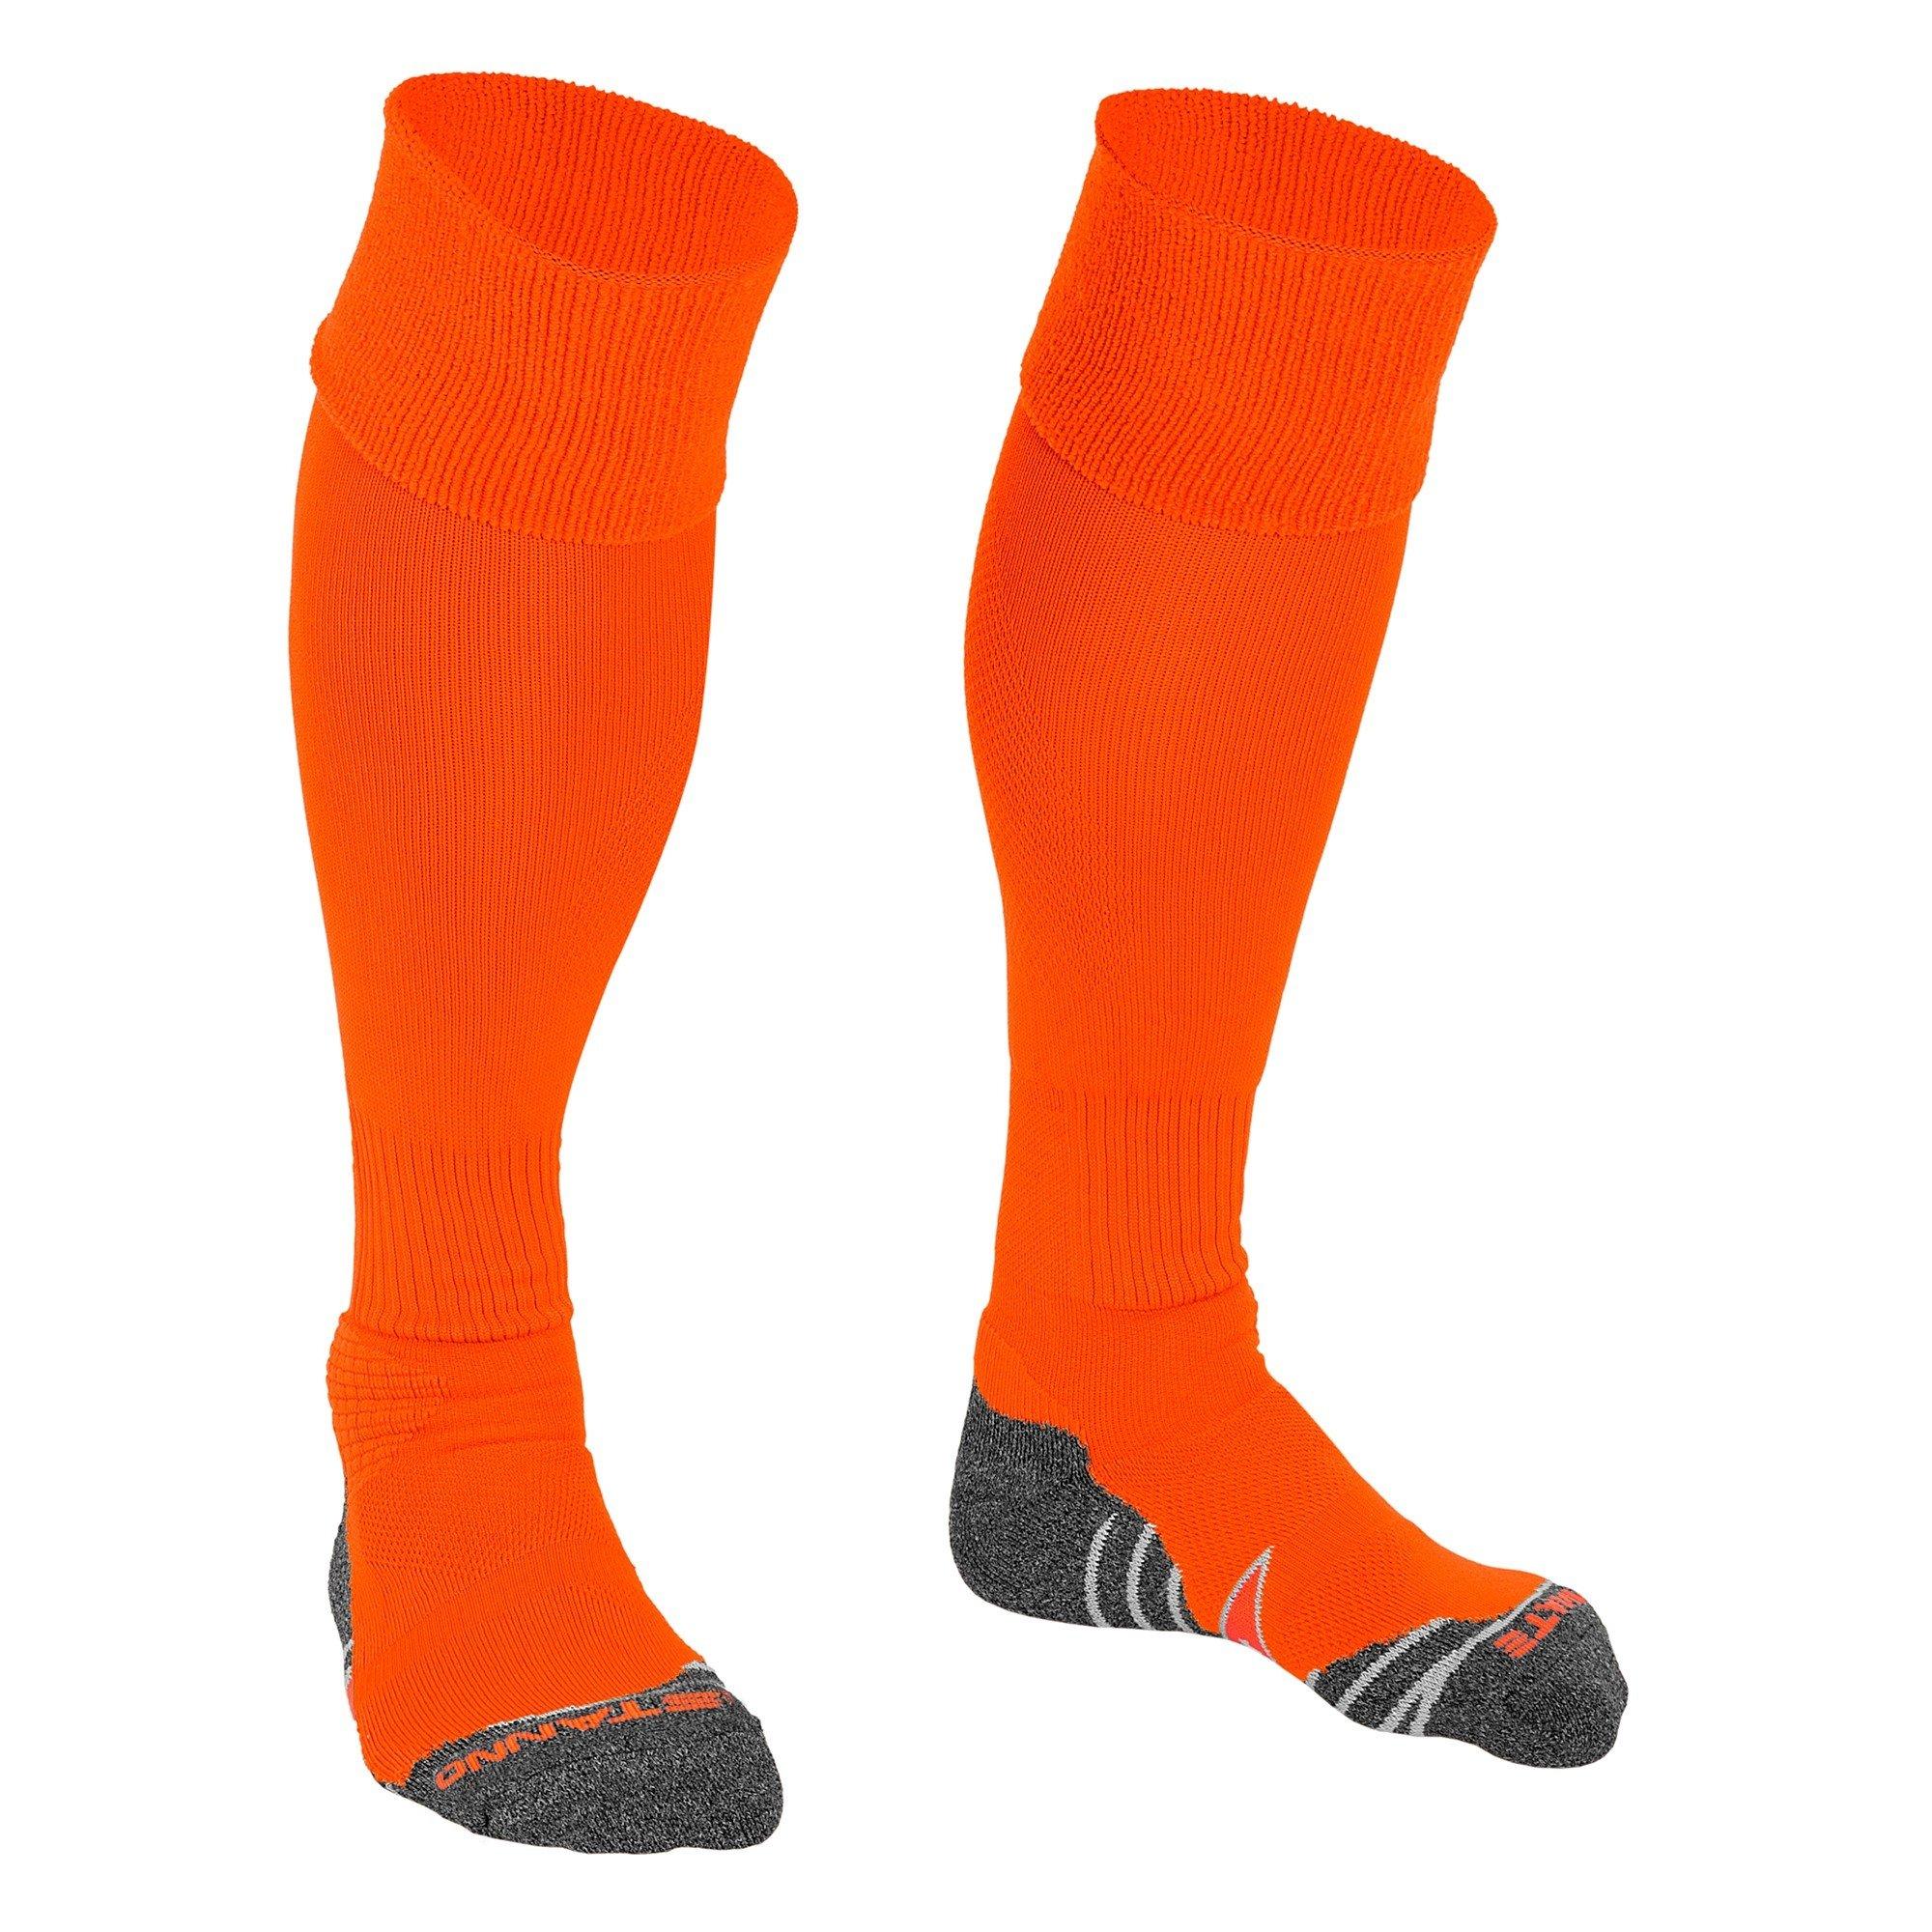 Stanno Uni Sock Neon Orange